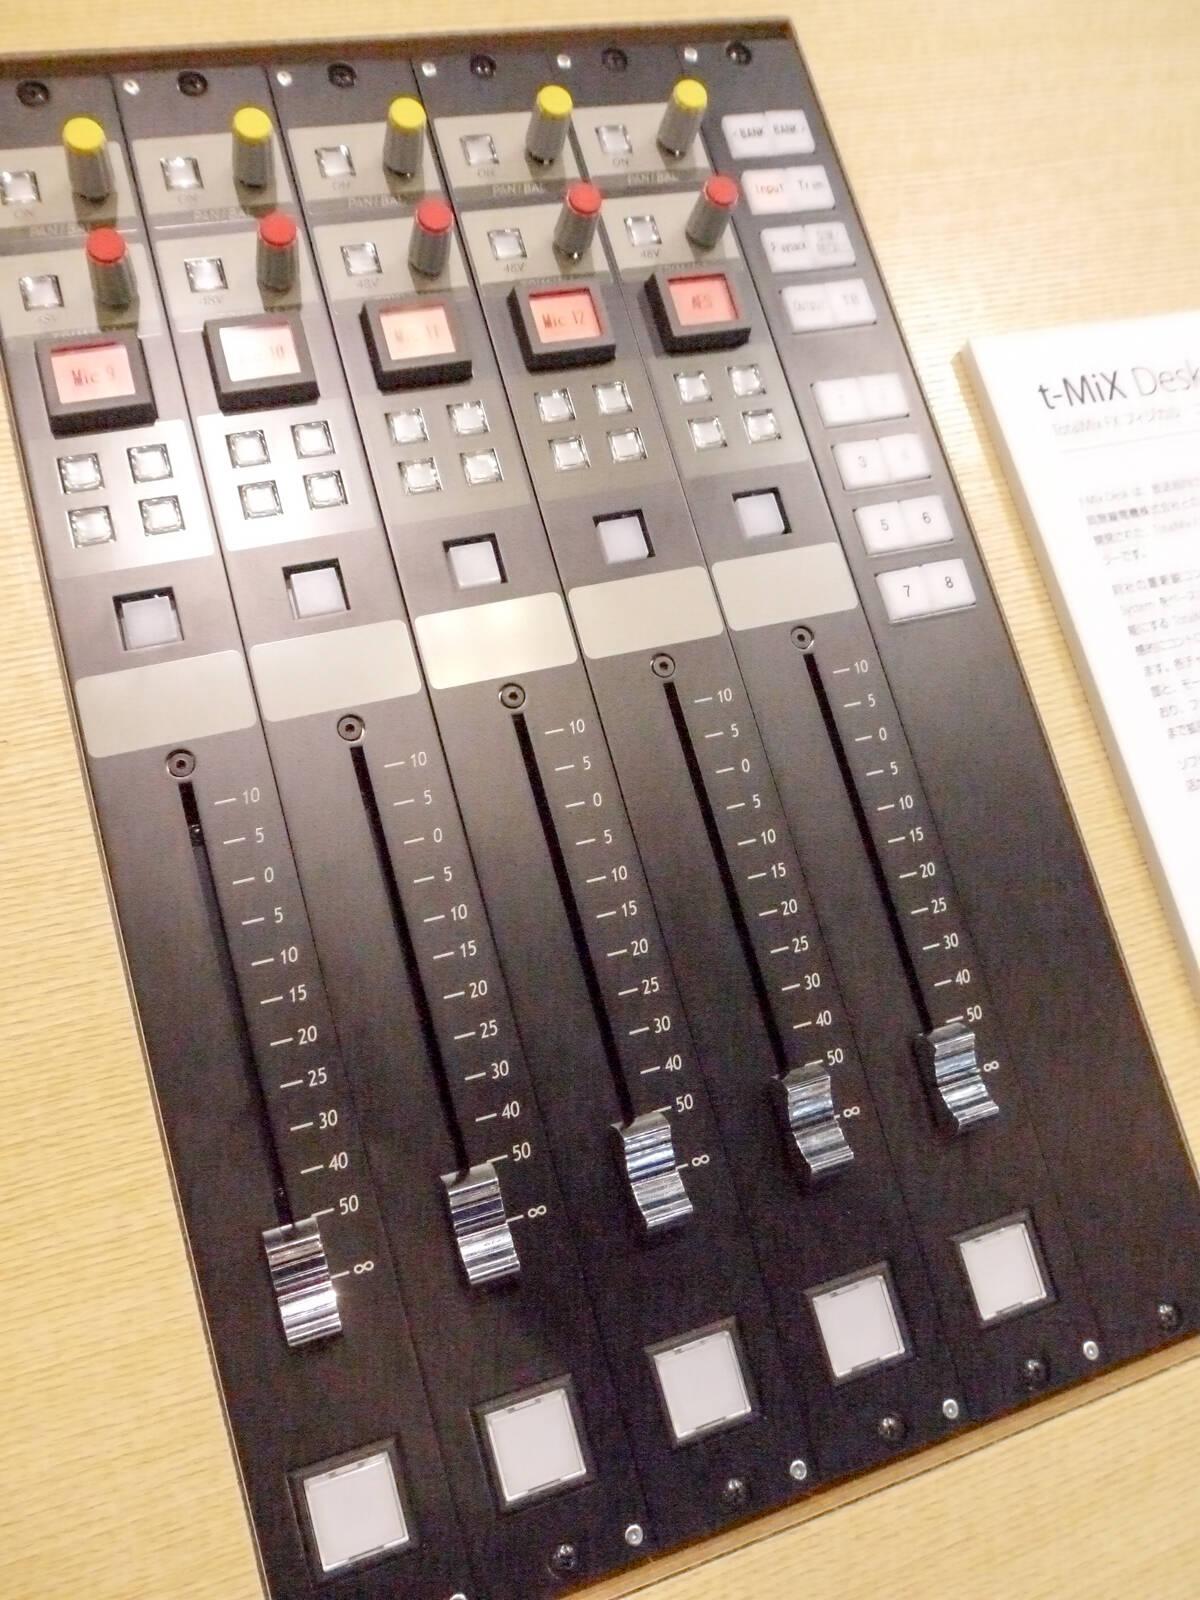 t-MIX Desk